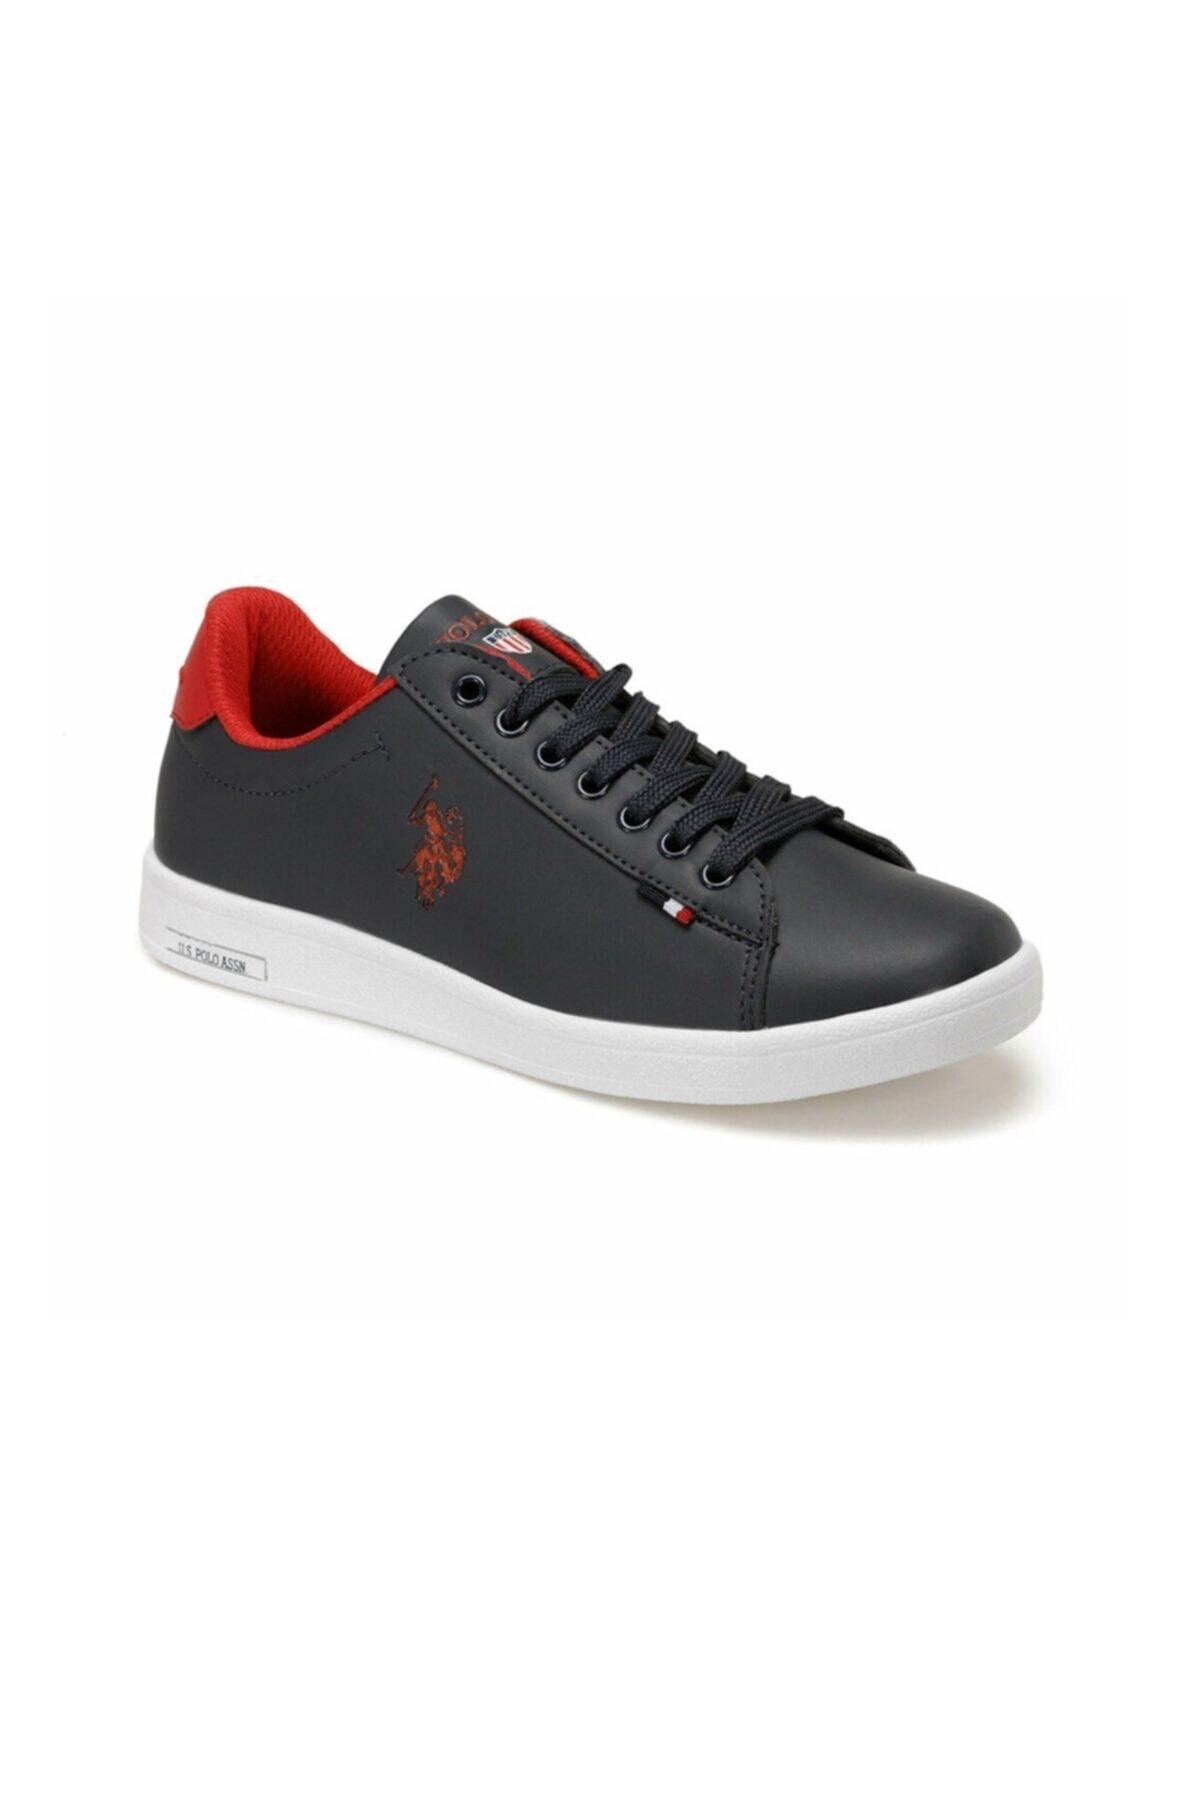 U.S. Polo Assn. FRANCO DHM Lacivert Kadın Sneaker Ayakkabı 100548975 2